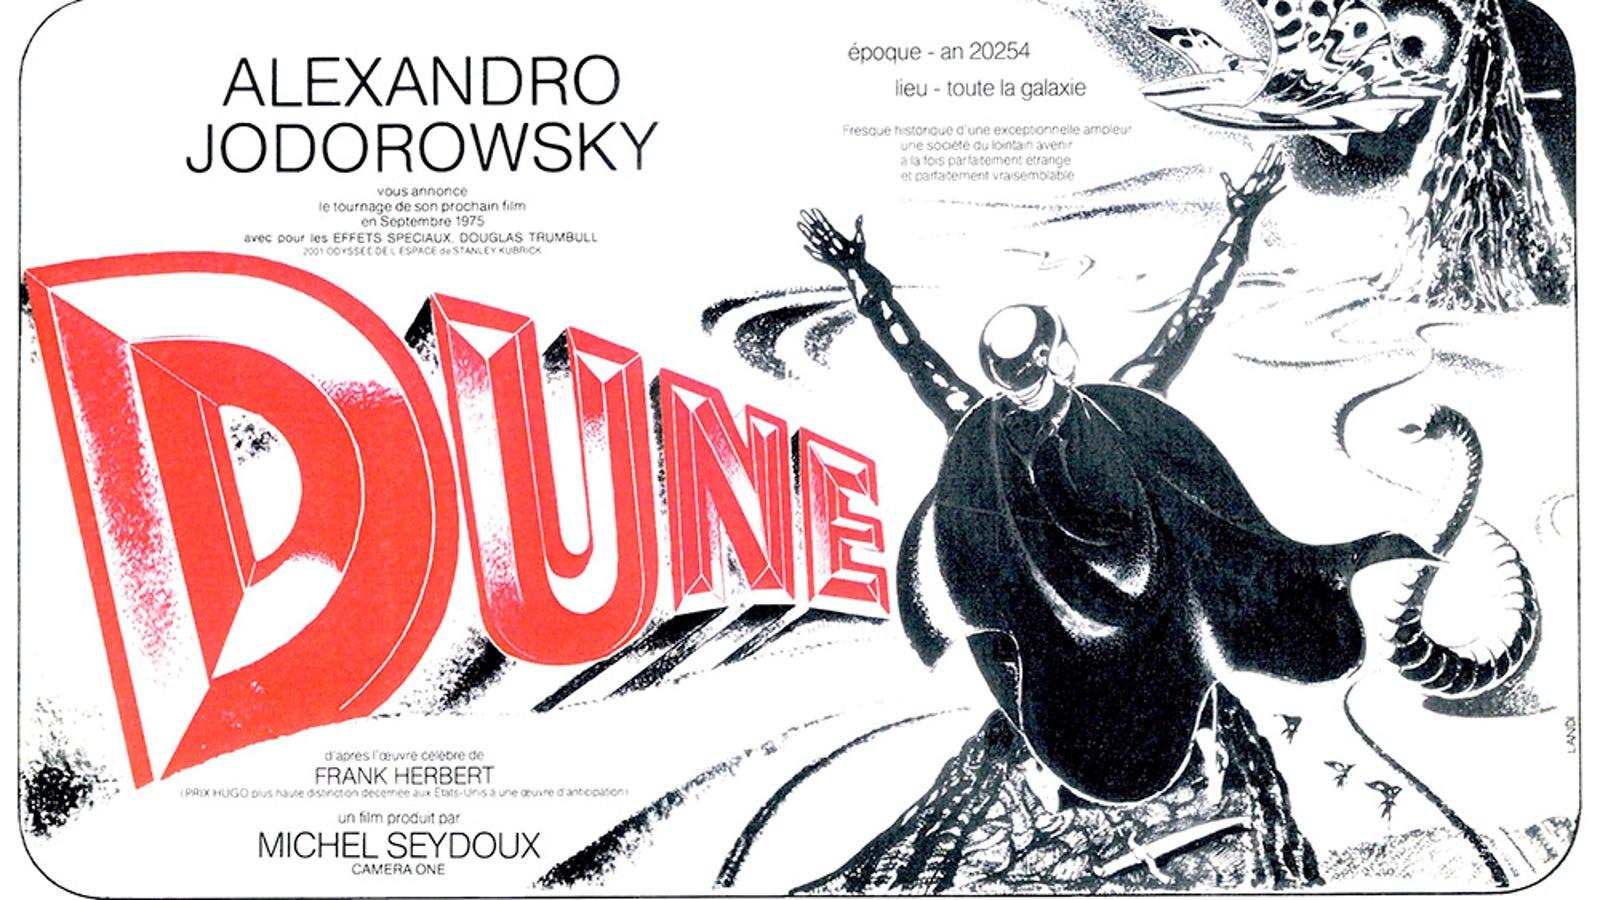 La mejor película de Dune de todos los tiempos nunca llegó a filmarse